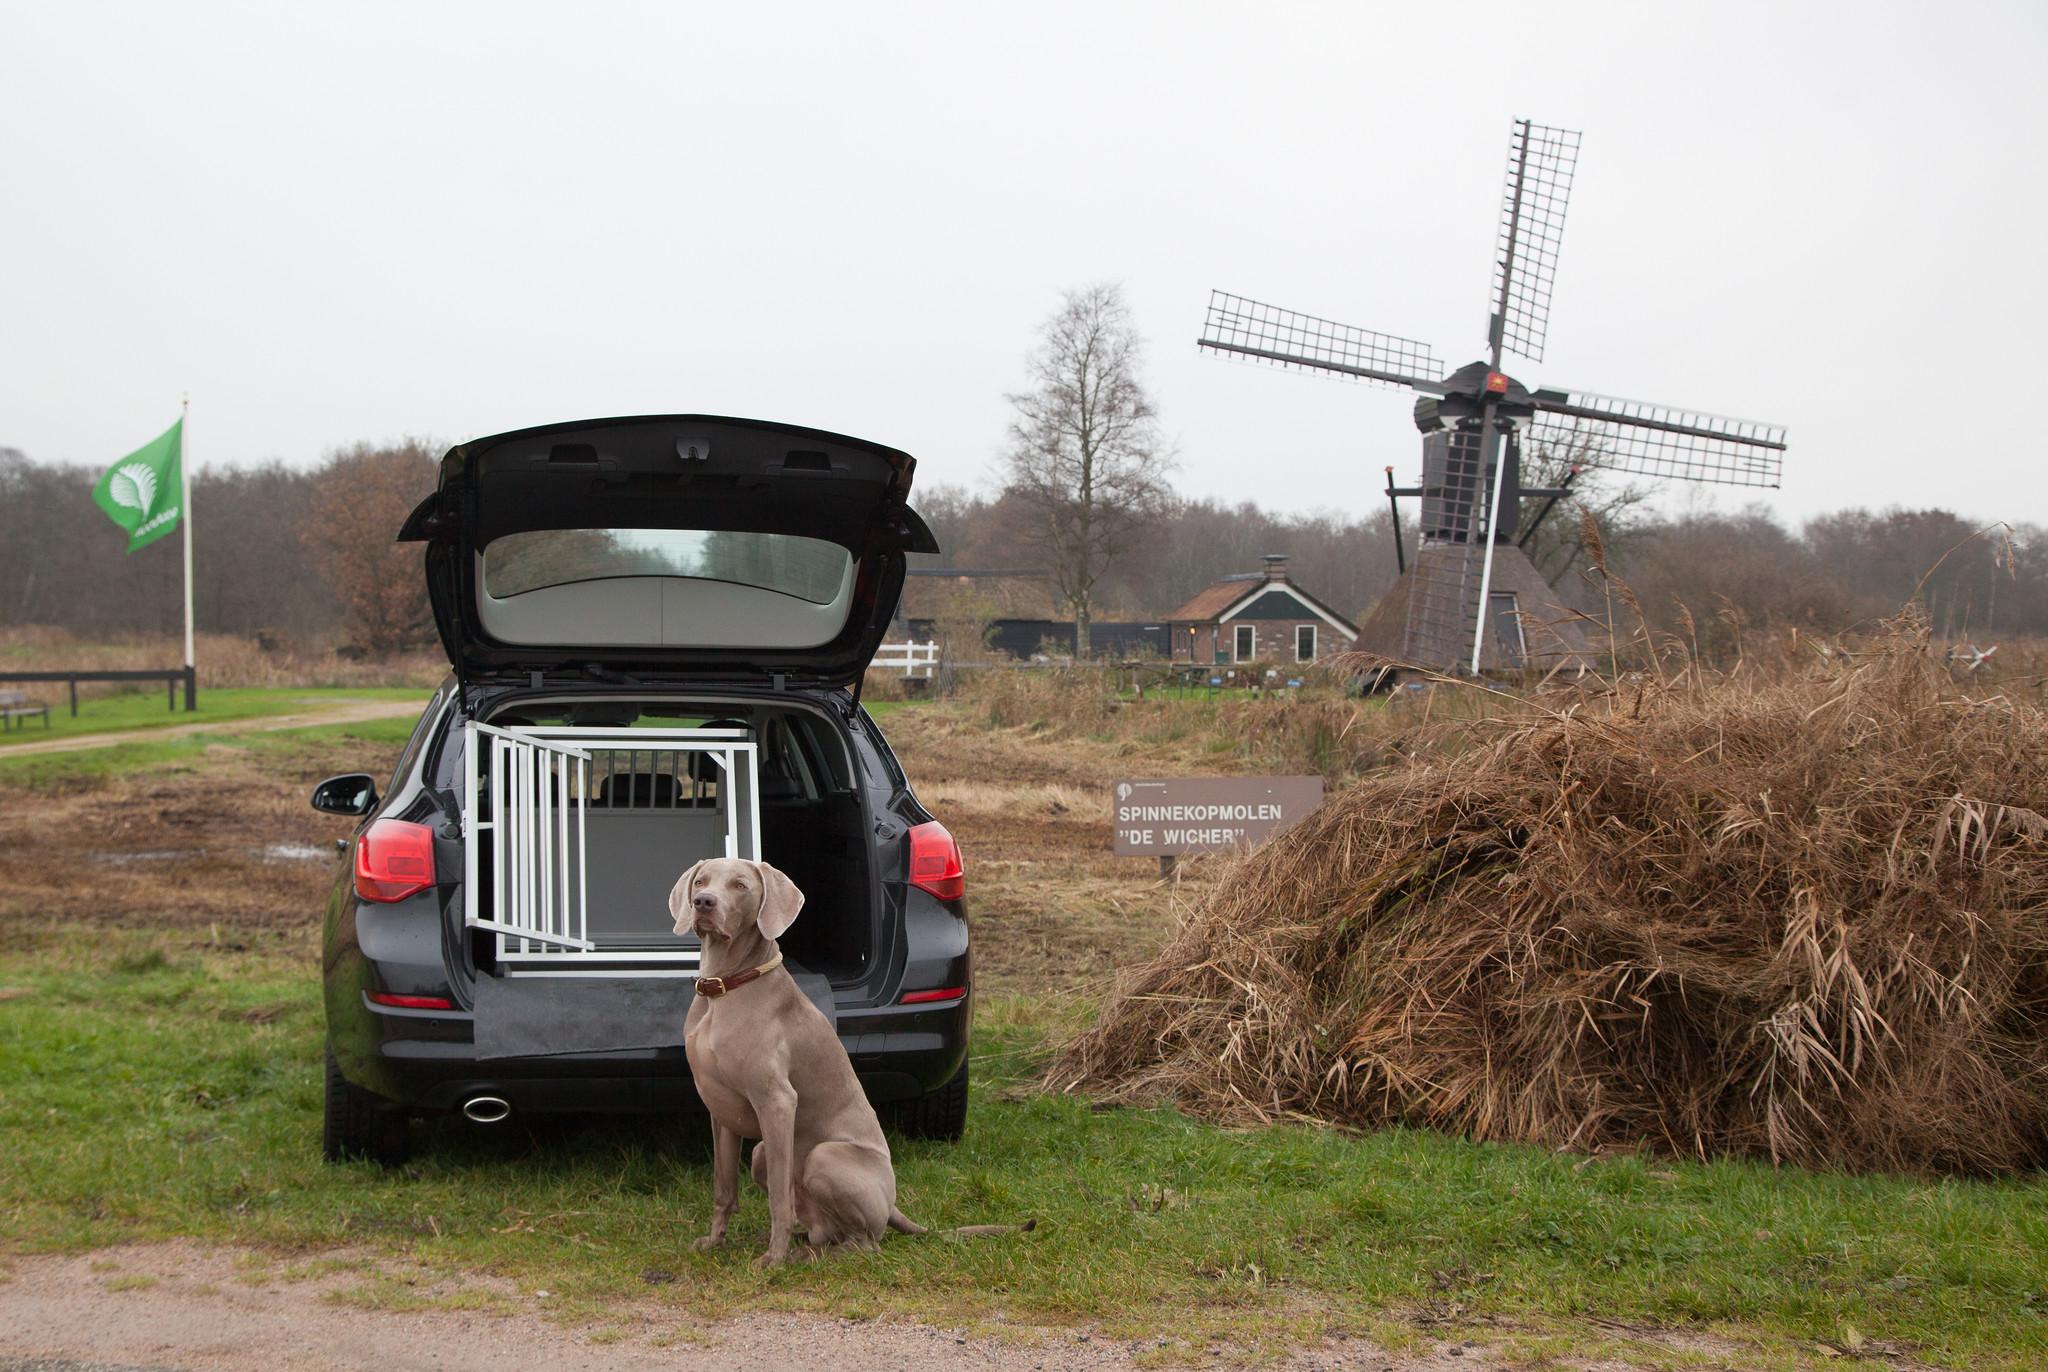 Hoe kan ik mijn hond het veilgst vervoeren